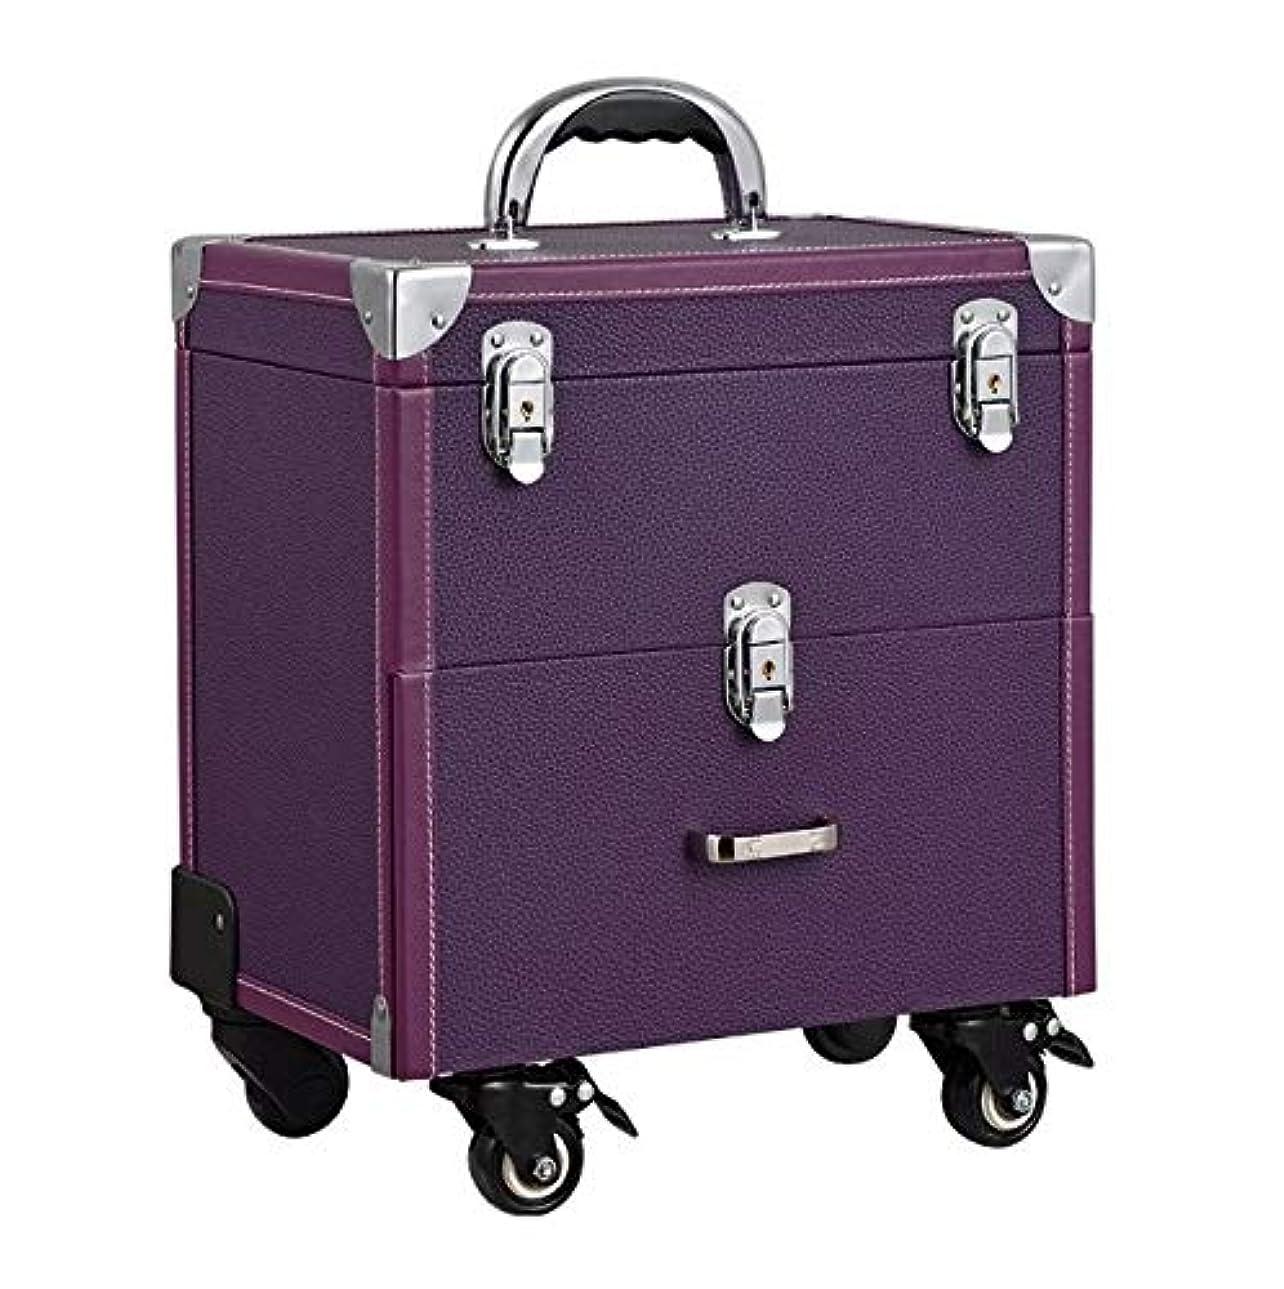 トラフィックチョーク学習者化粧箱、大容量ダブルポール化粧品ケース、ポータブル旅行化粧品袋収納袋、美容化粧ネイルジュエリー収納ボックス (Color : Purple)